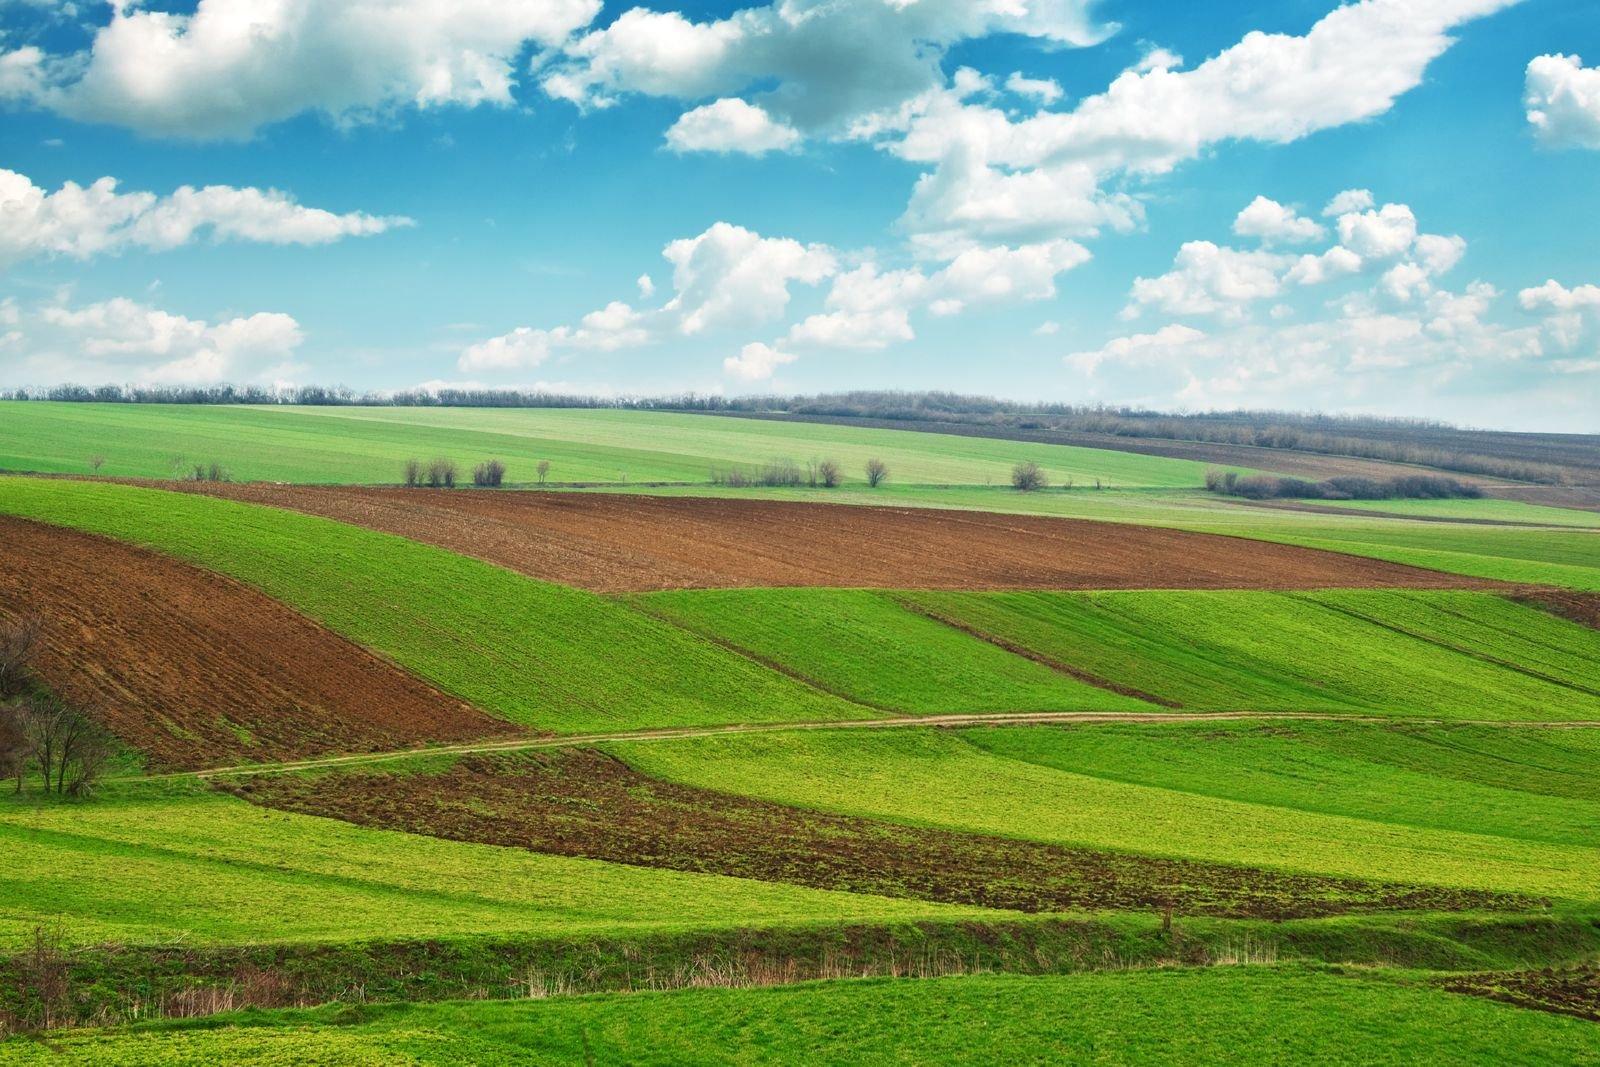 земля в аренду под сельское хозяйство екатеринбург Что-то